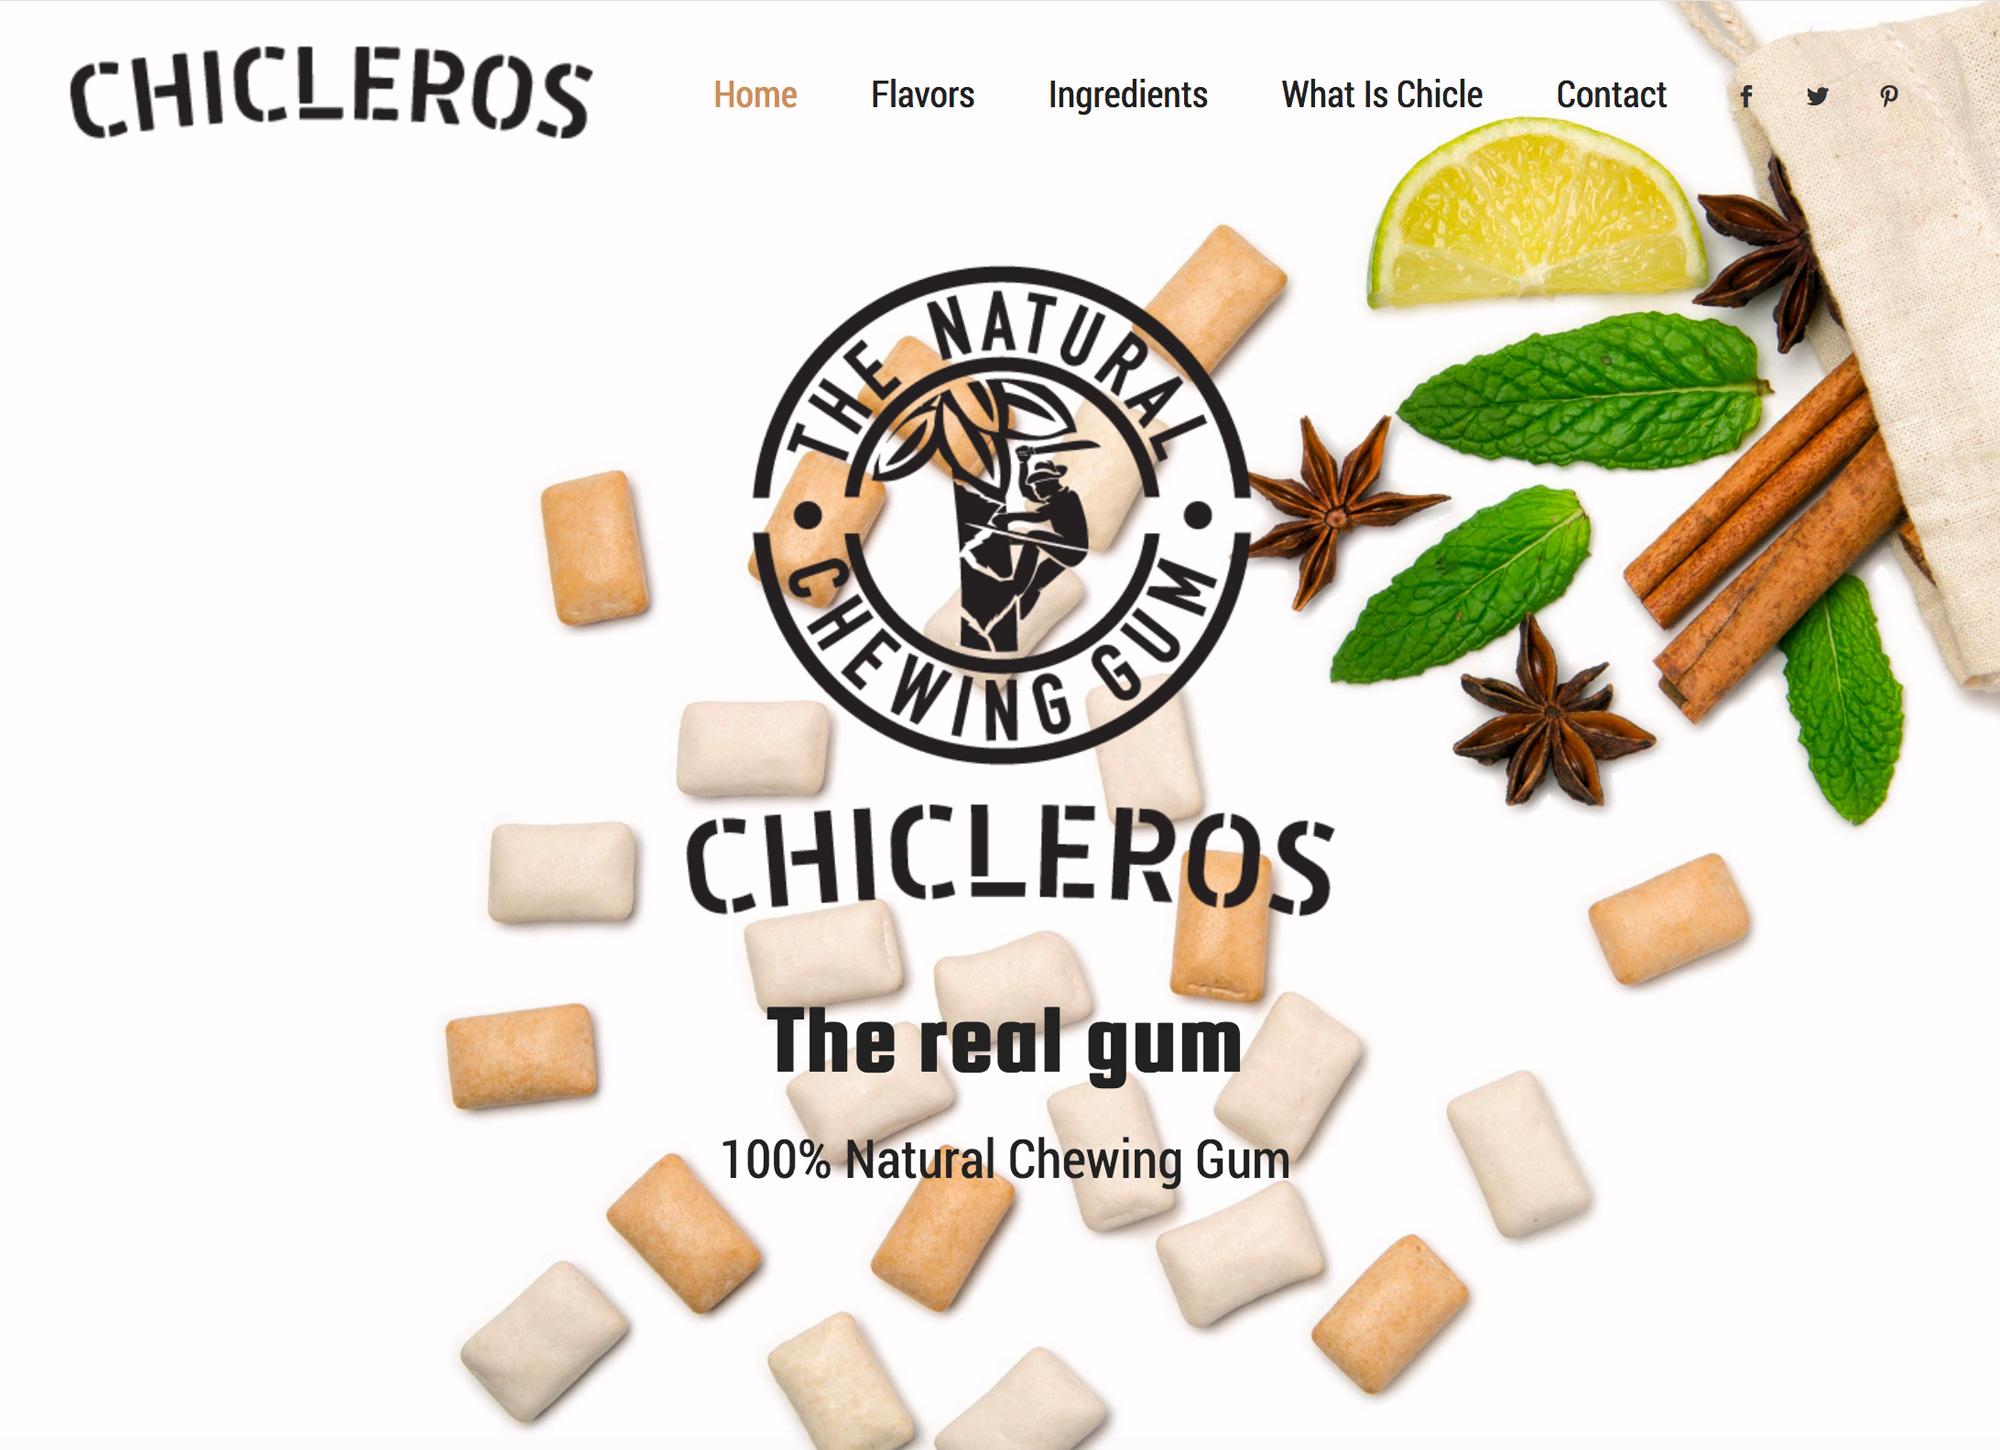 Chicleros Gum Website Design